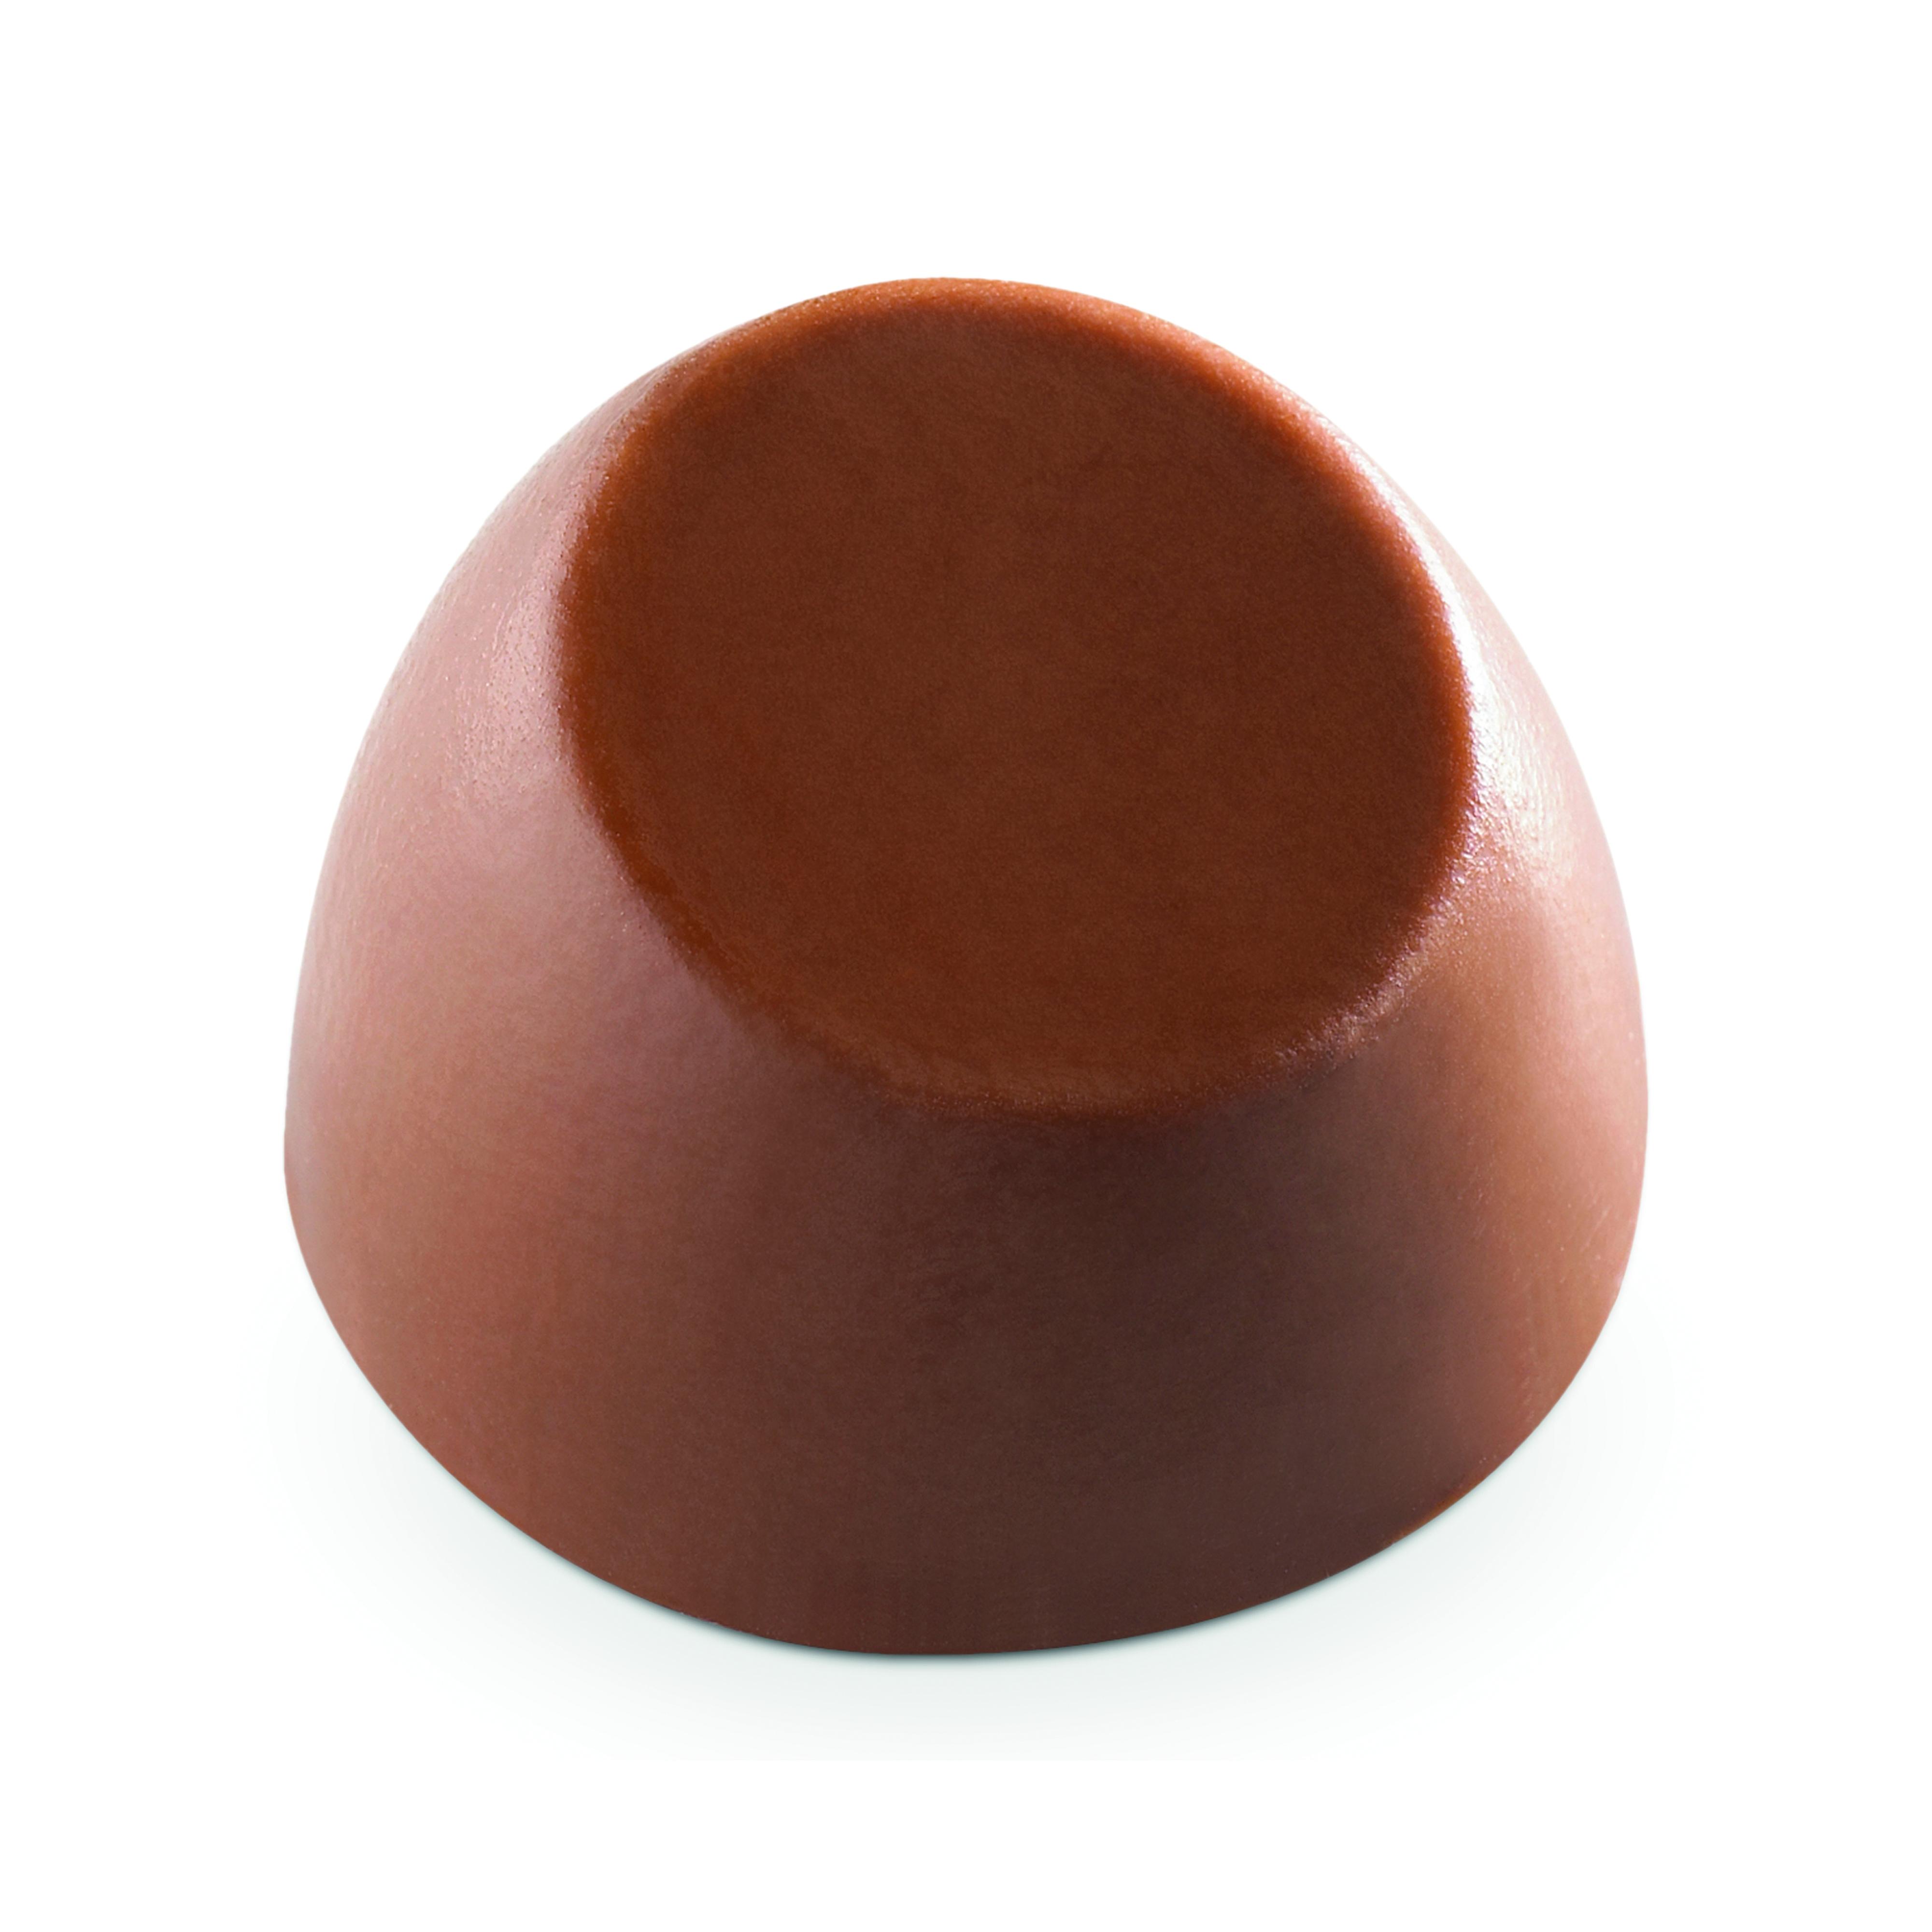 'Dôme' chocolate bonbon mold